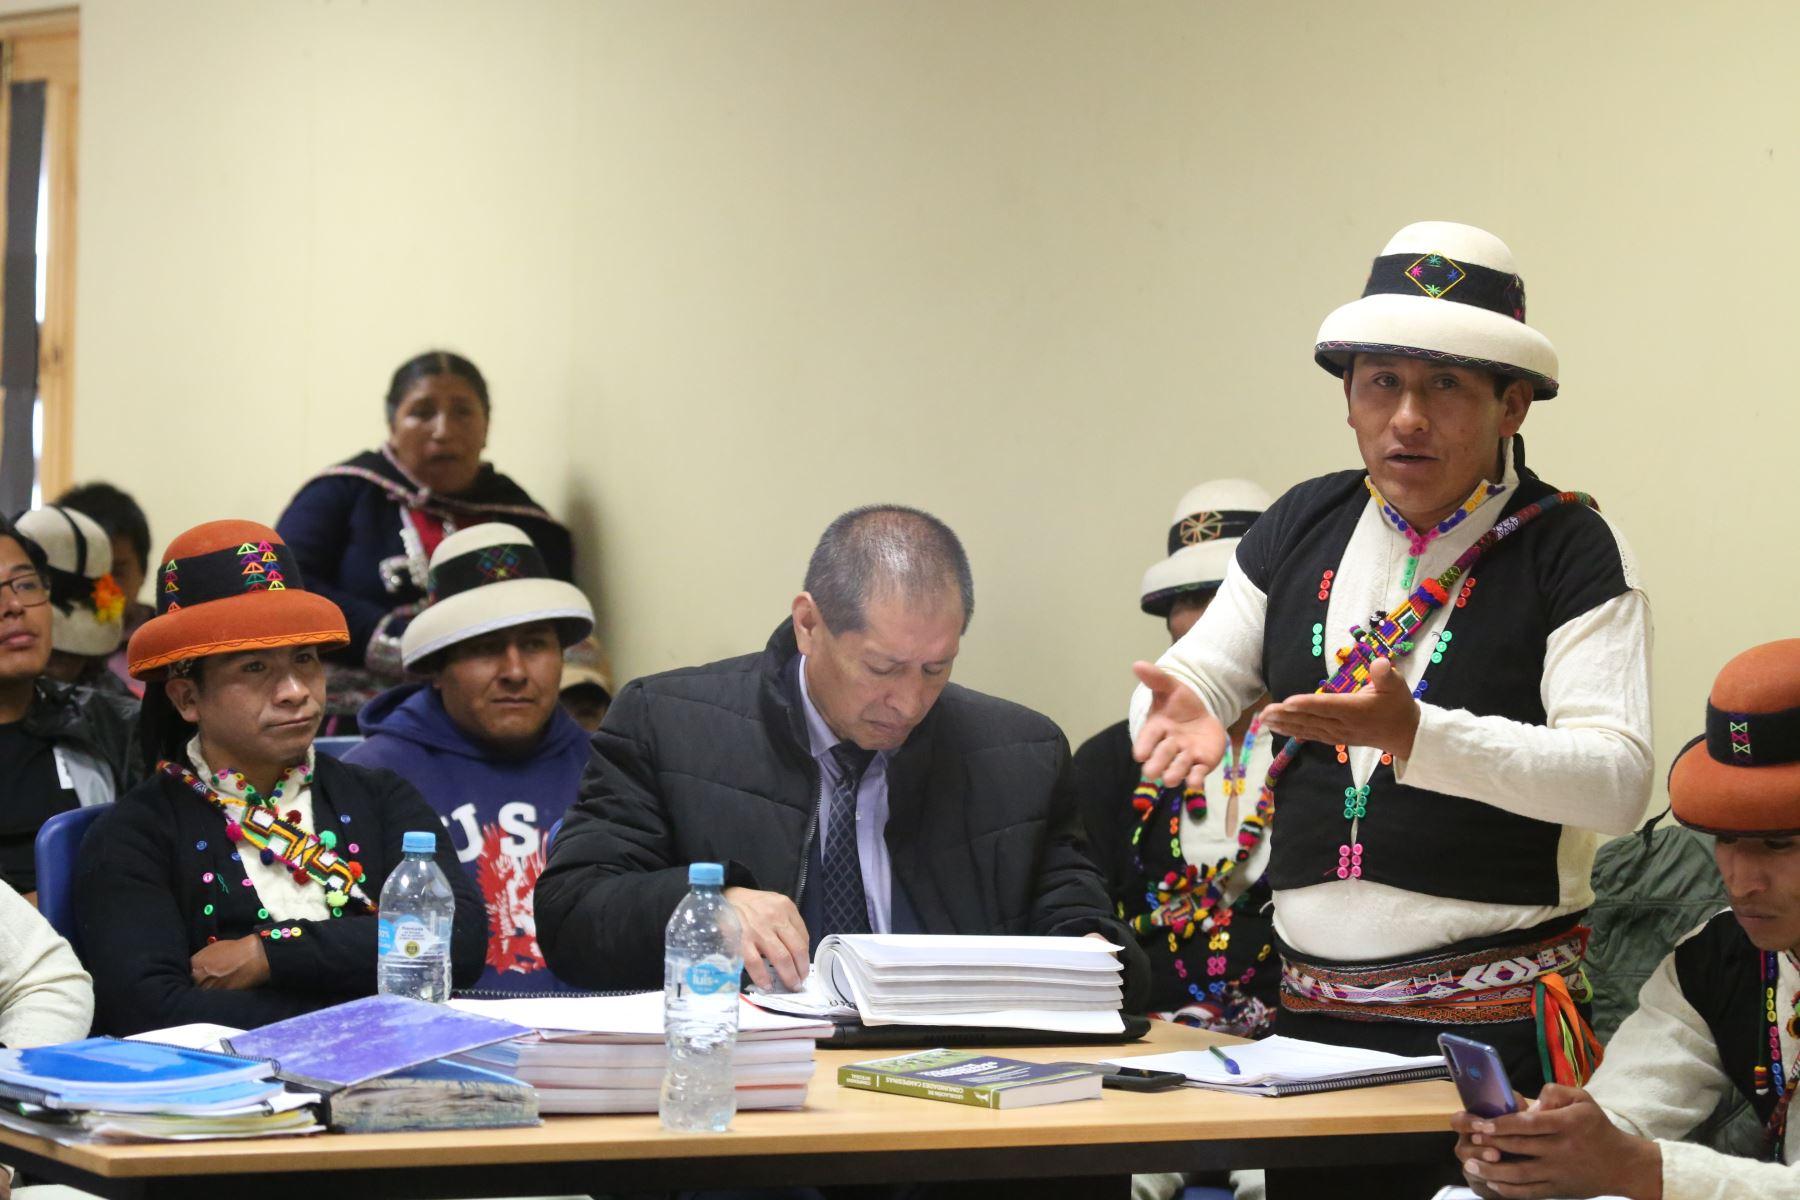 La alta comisionada para el Diálogo y Desarrollo del Corredor Vial Sur, Paola Bustamante, llegó a Nueva Fuerabamba para el seguimiento del cumplimiento de los compromisos entre la comunidad y la empresa. Foto: PCM